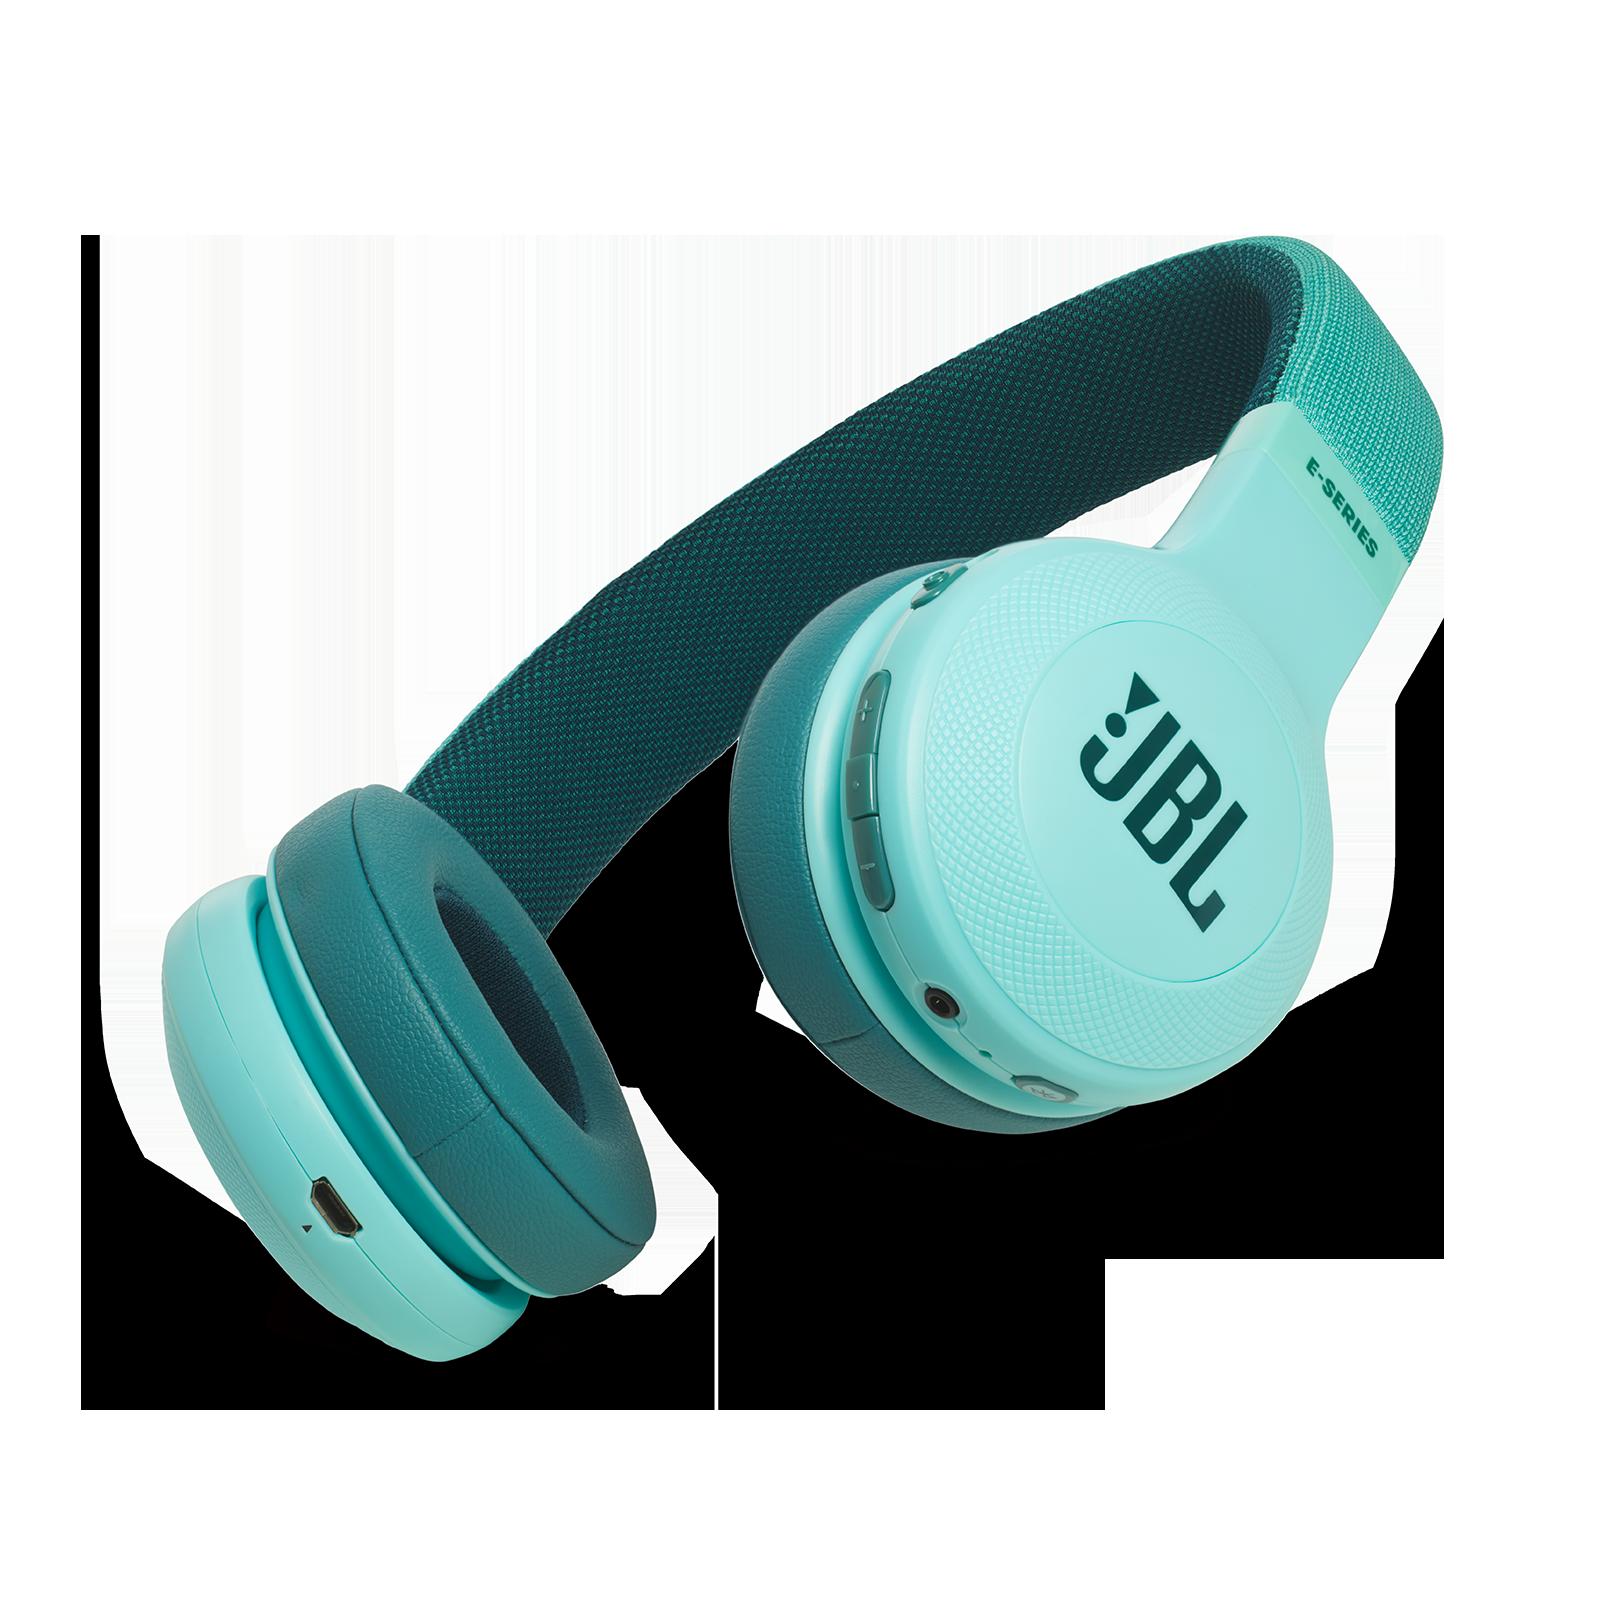 JBL E45BT - Teal - Wireless on-ear headphones - Hero